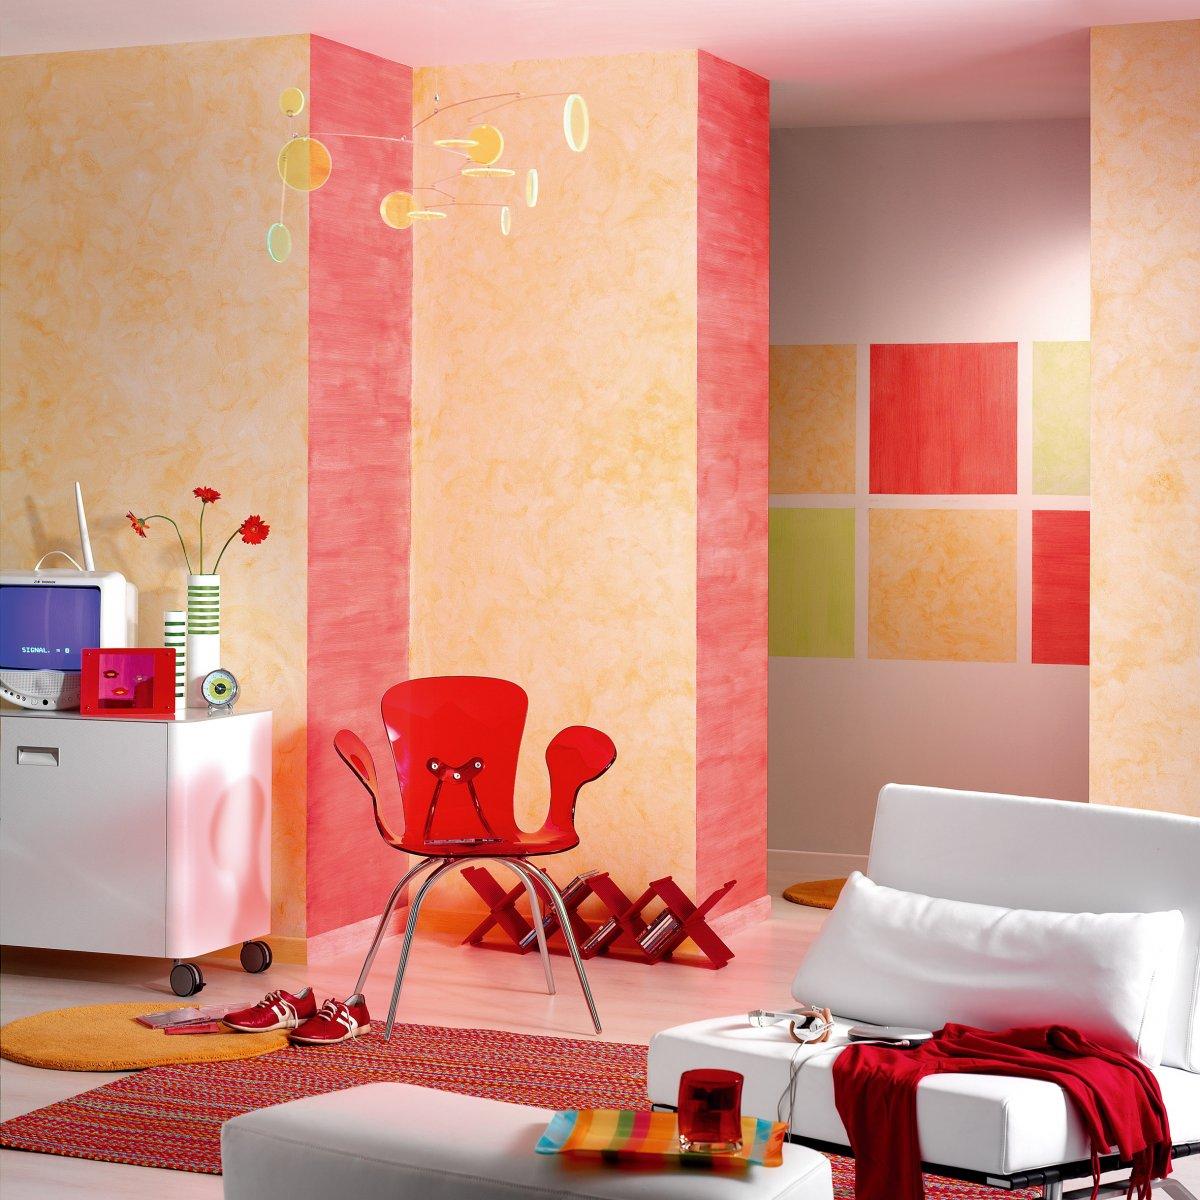 Decoraci n de paredes con formas geom tricas decoraci n del hogar - Paredes de colores decoracion ...